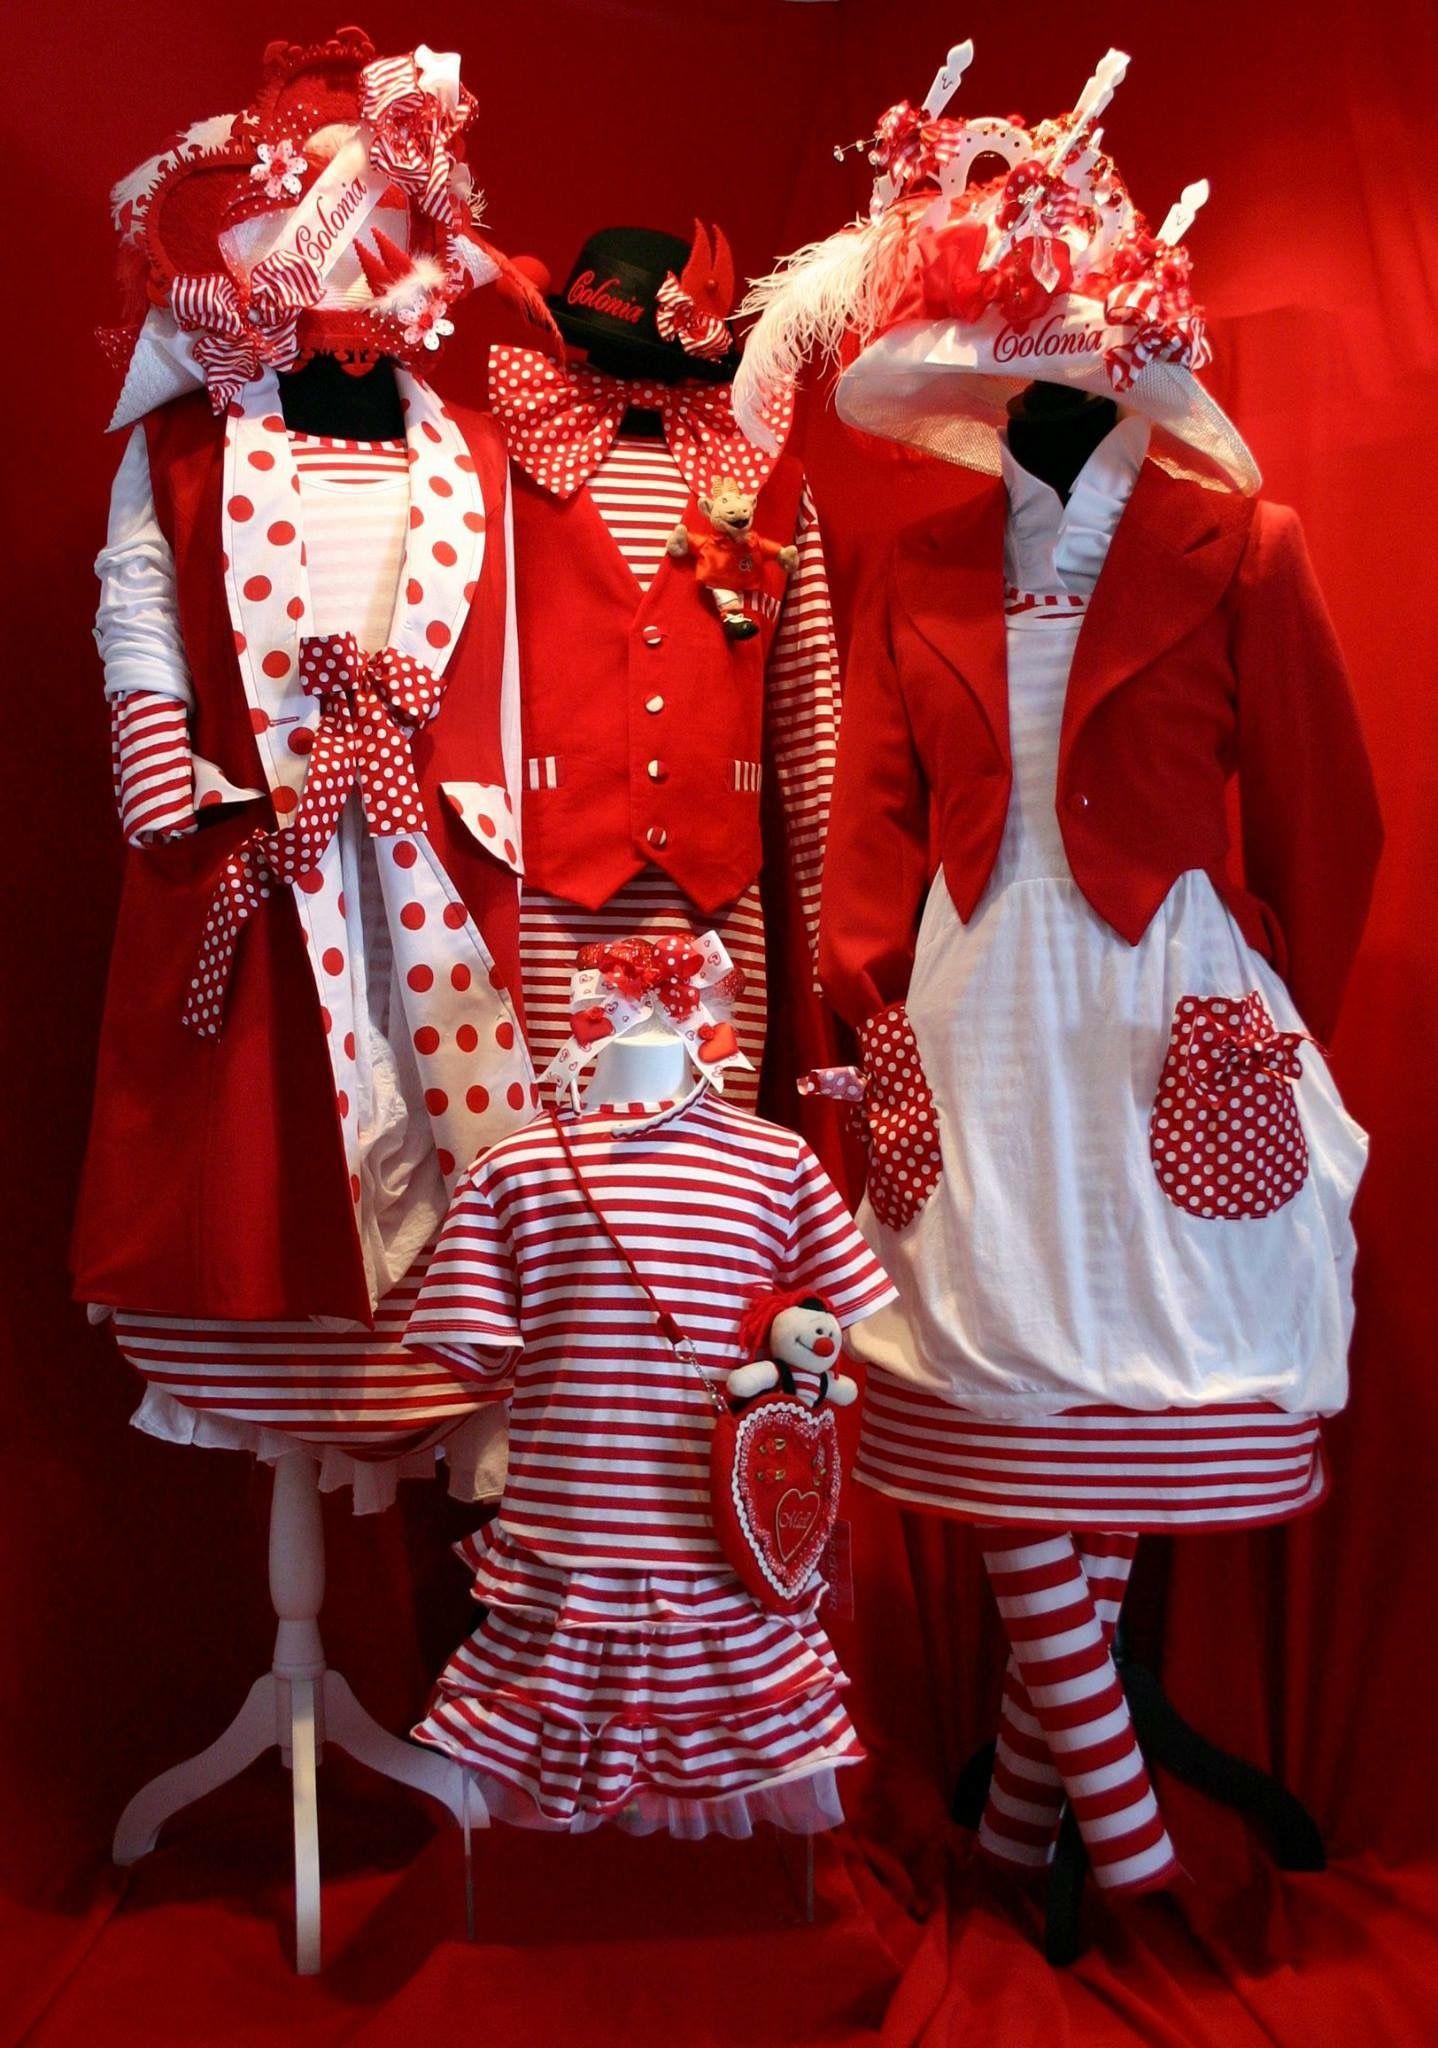 Pin von honey pie auf karneval pinterest kost m karneval und fasching - Ideen karneval ...